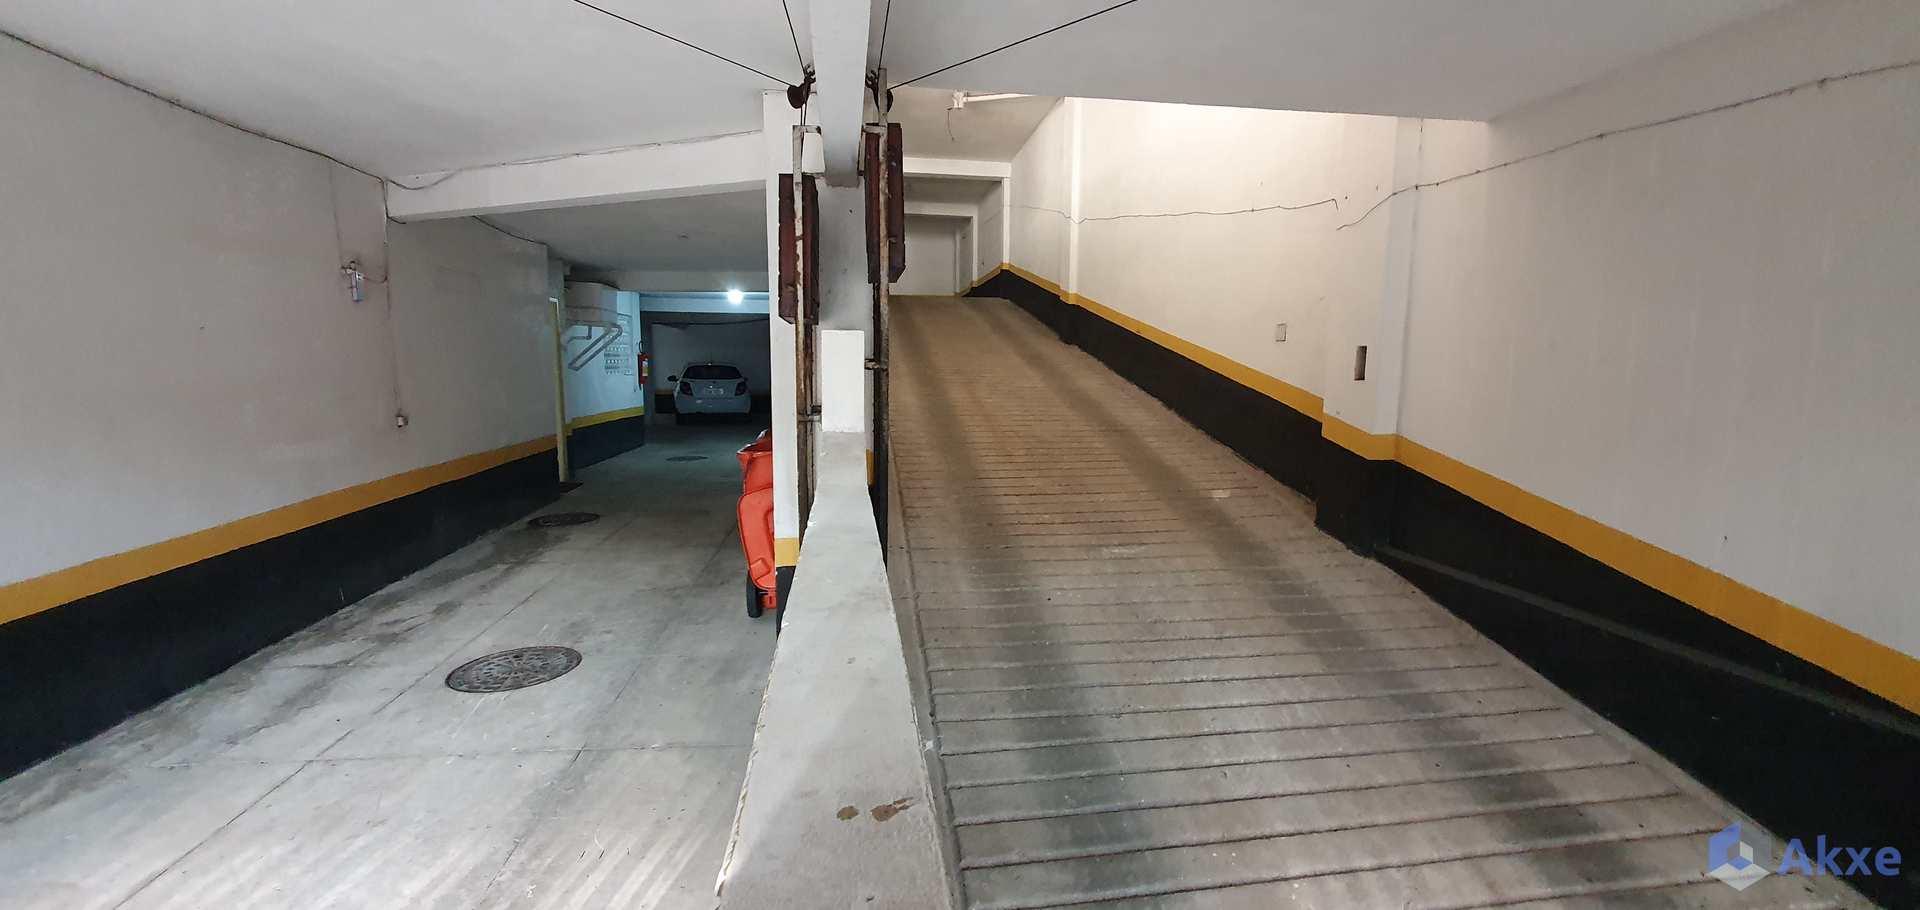 Apto de 2qts, 92m², todo reformado, Tijuca - R$ 525 mil